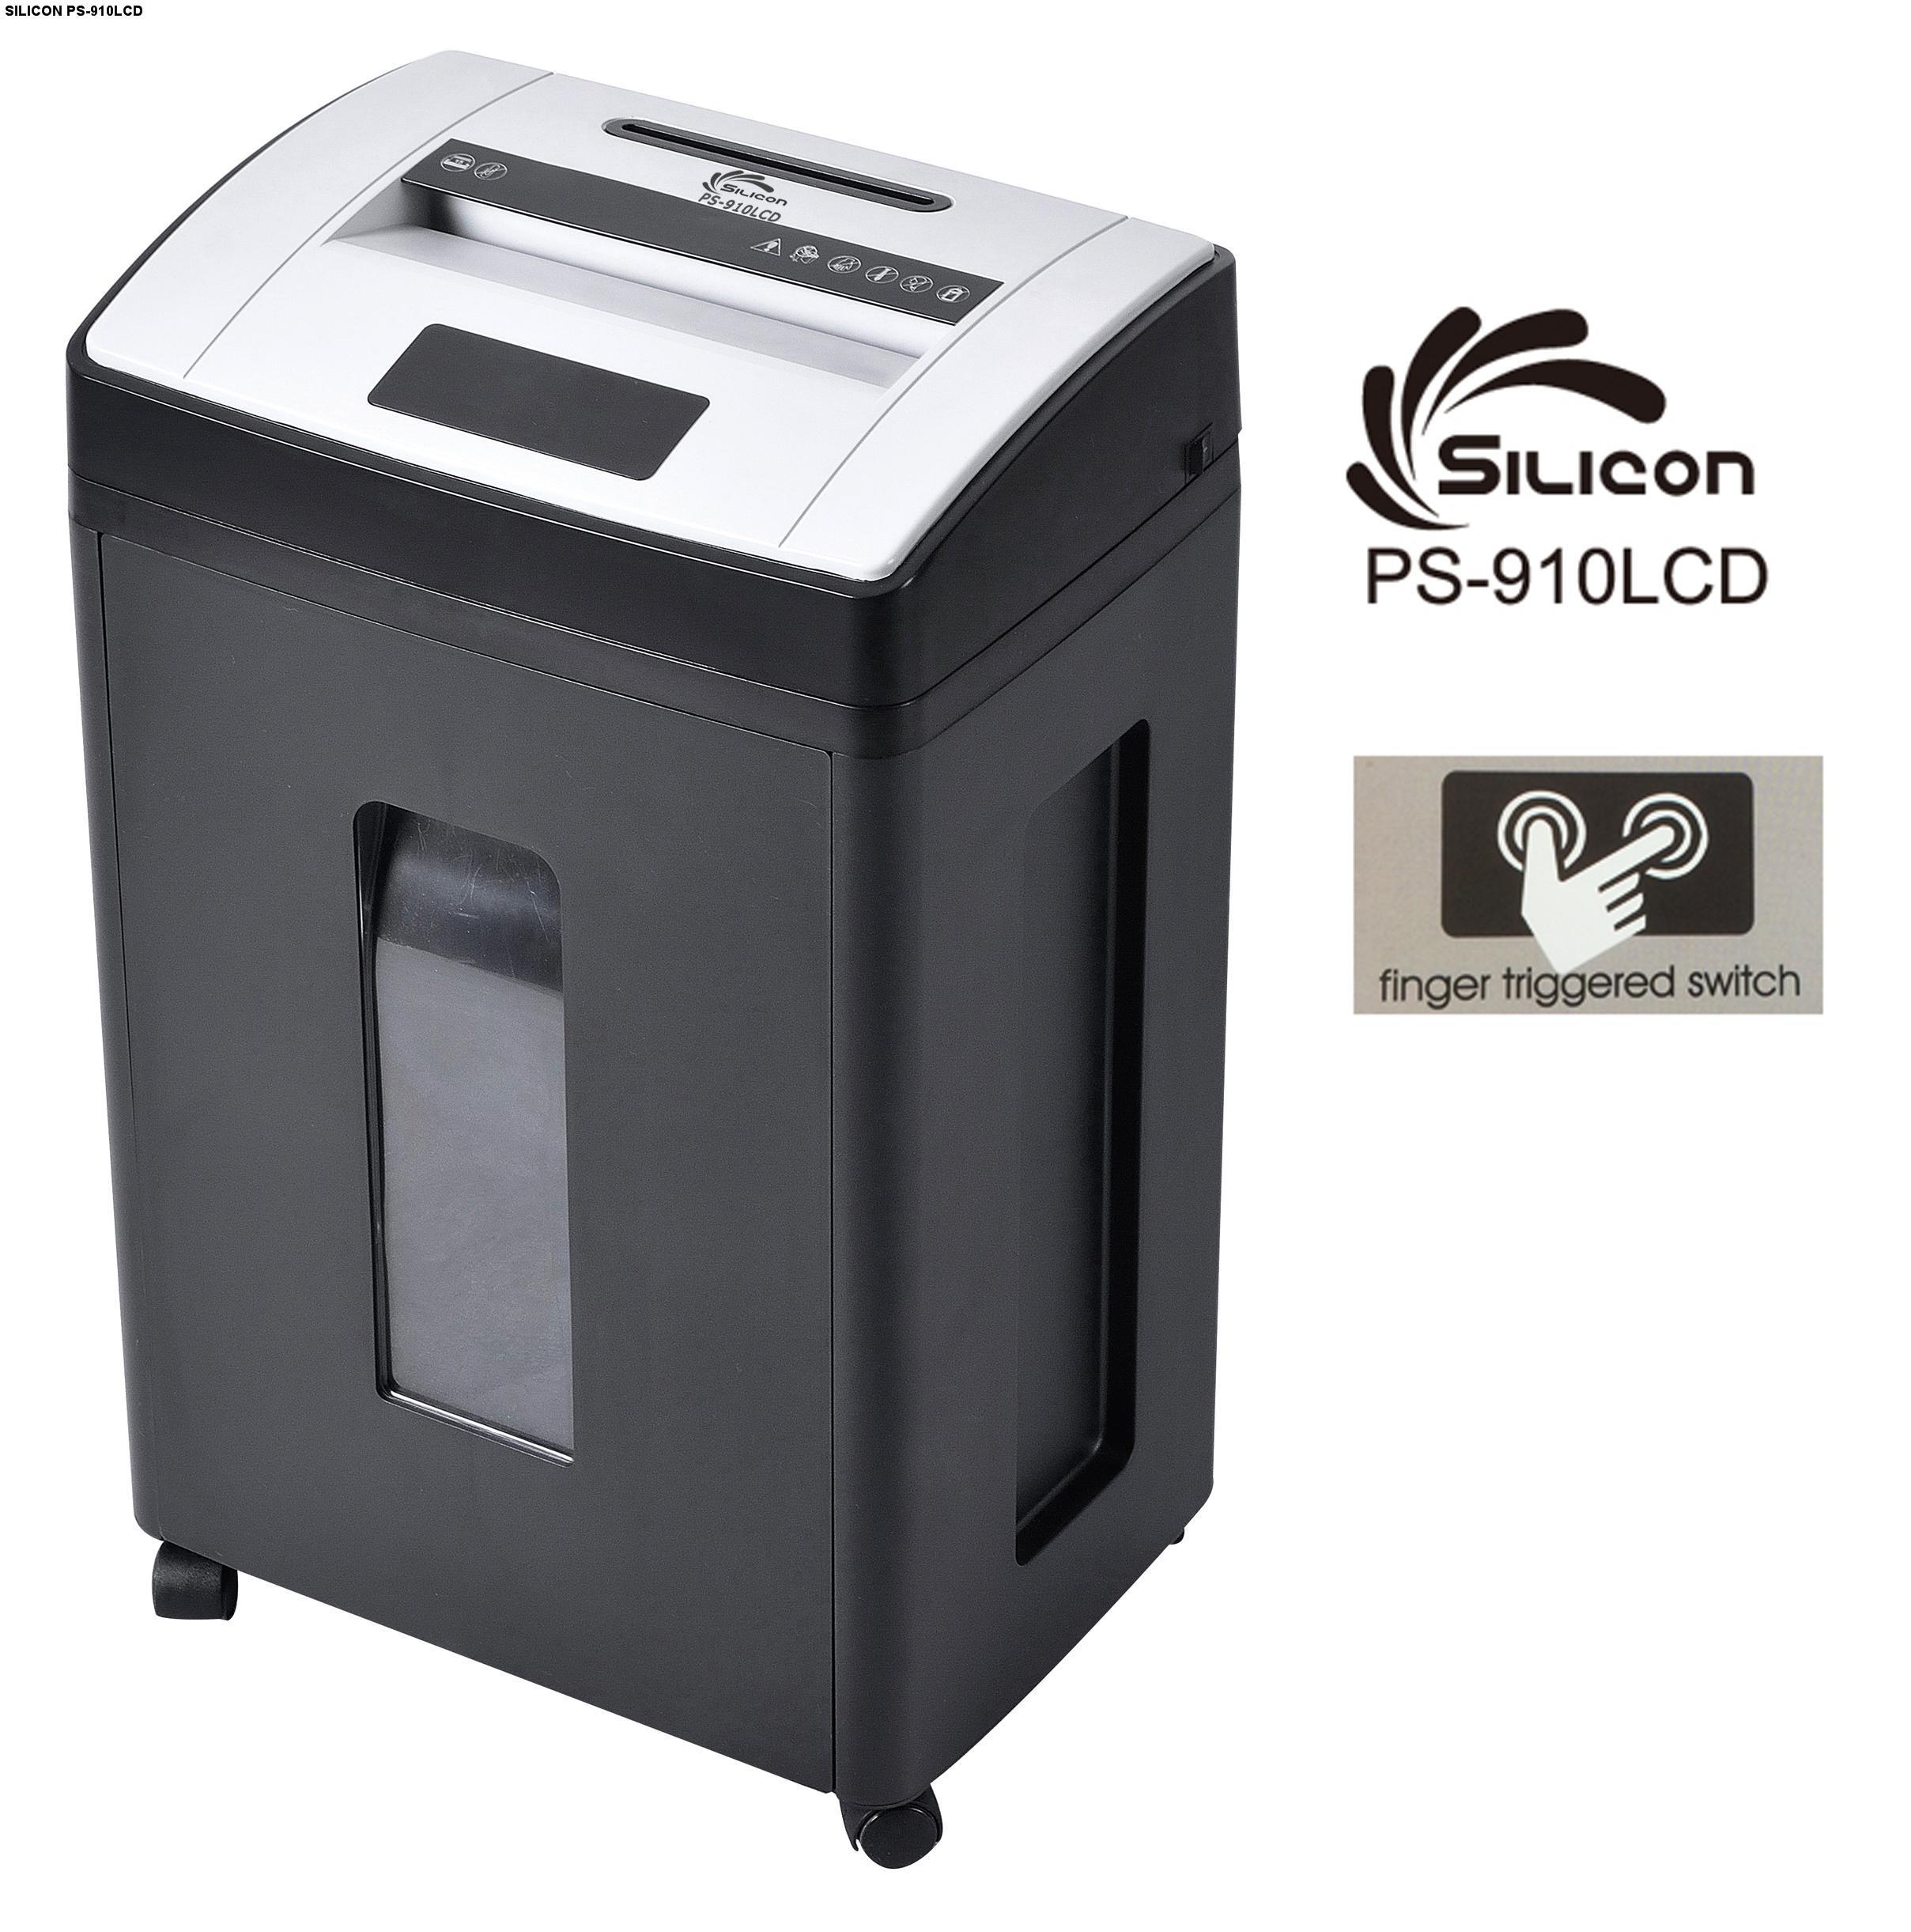 Máy hủy tài liệu Silicon PS-910LCD